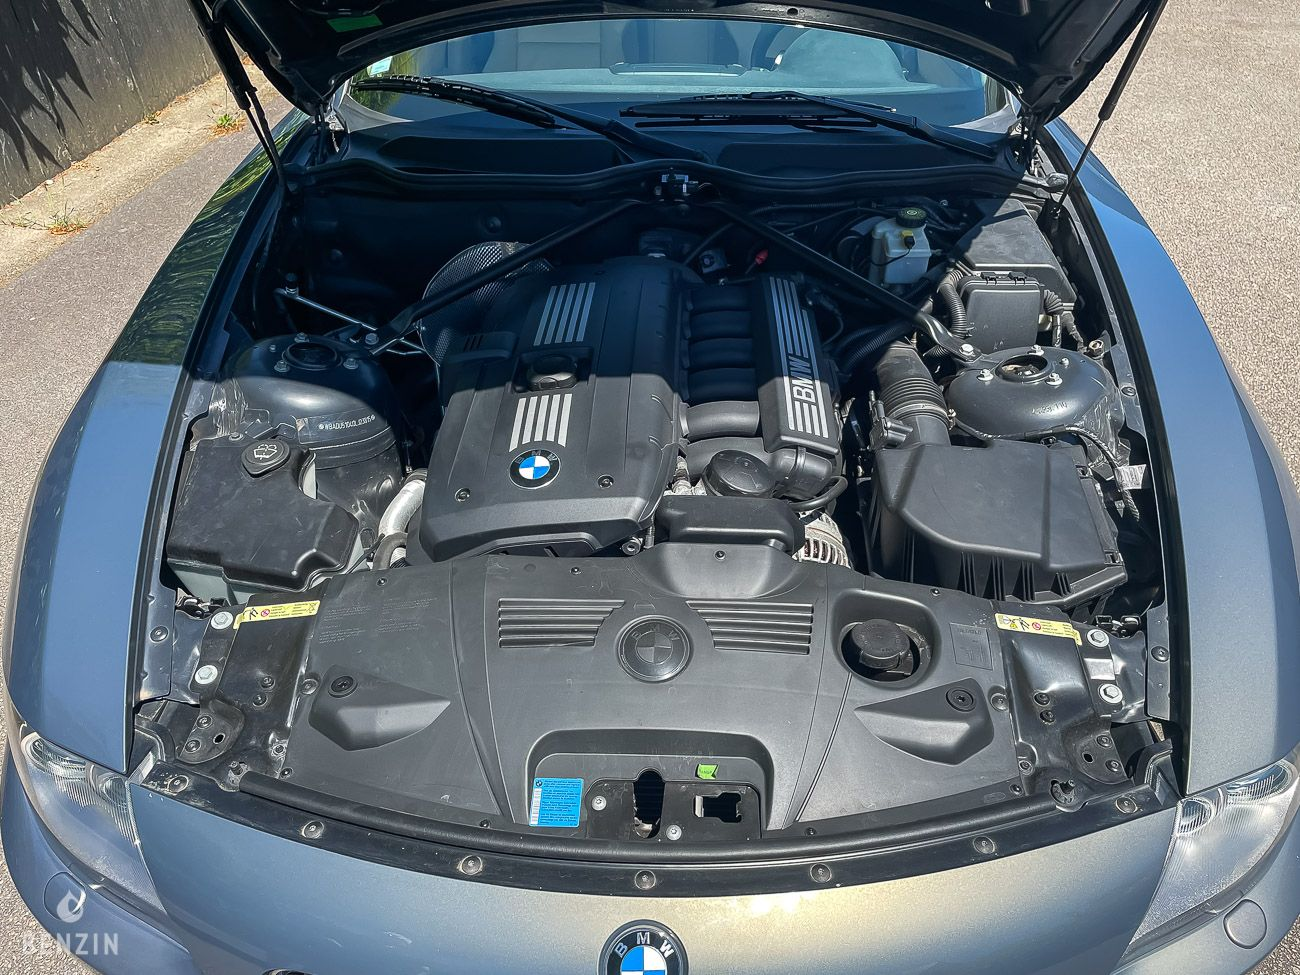 BMW Z4 COUPE 3.0 SI 2007 A VENDRE EN VENTE FOR SALE EN VENTA EN VENDITA TE KOOP SU VERKAUFEN